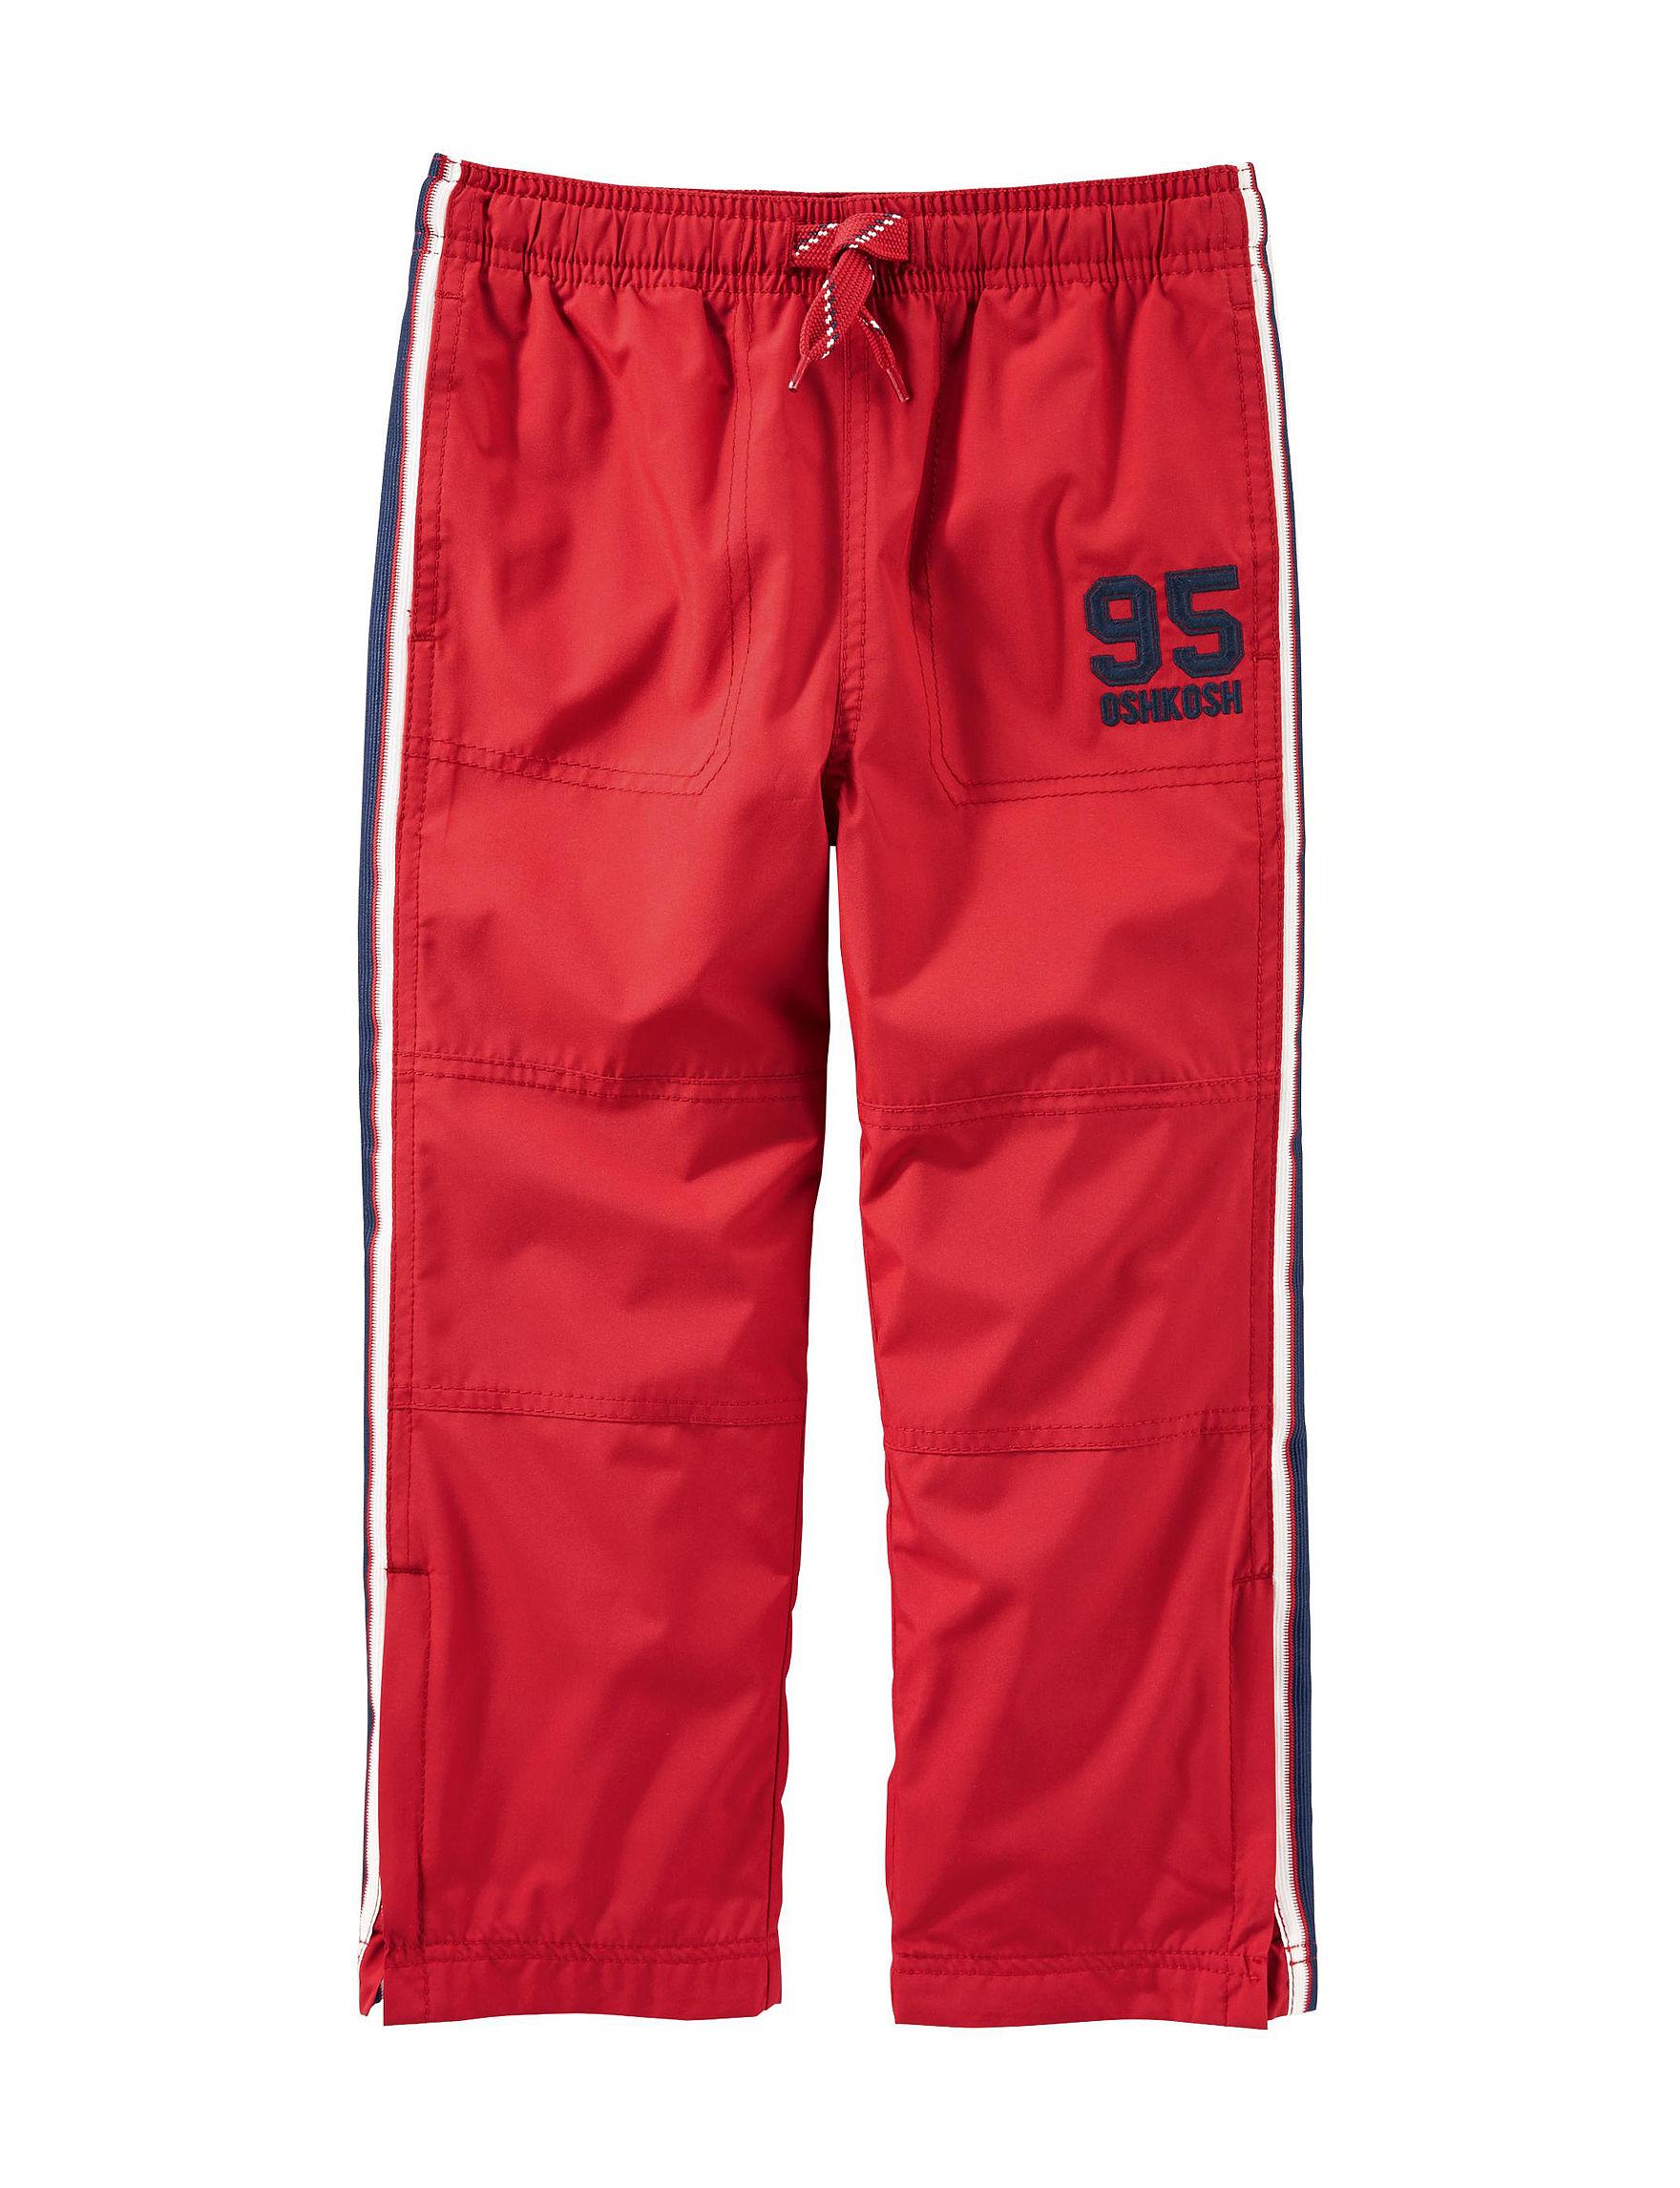 Oshkosh B'Gosh Red